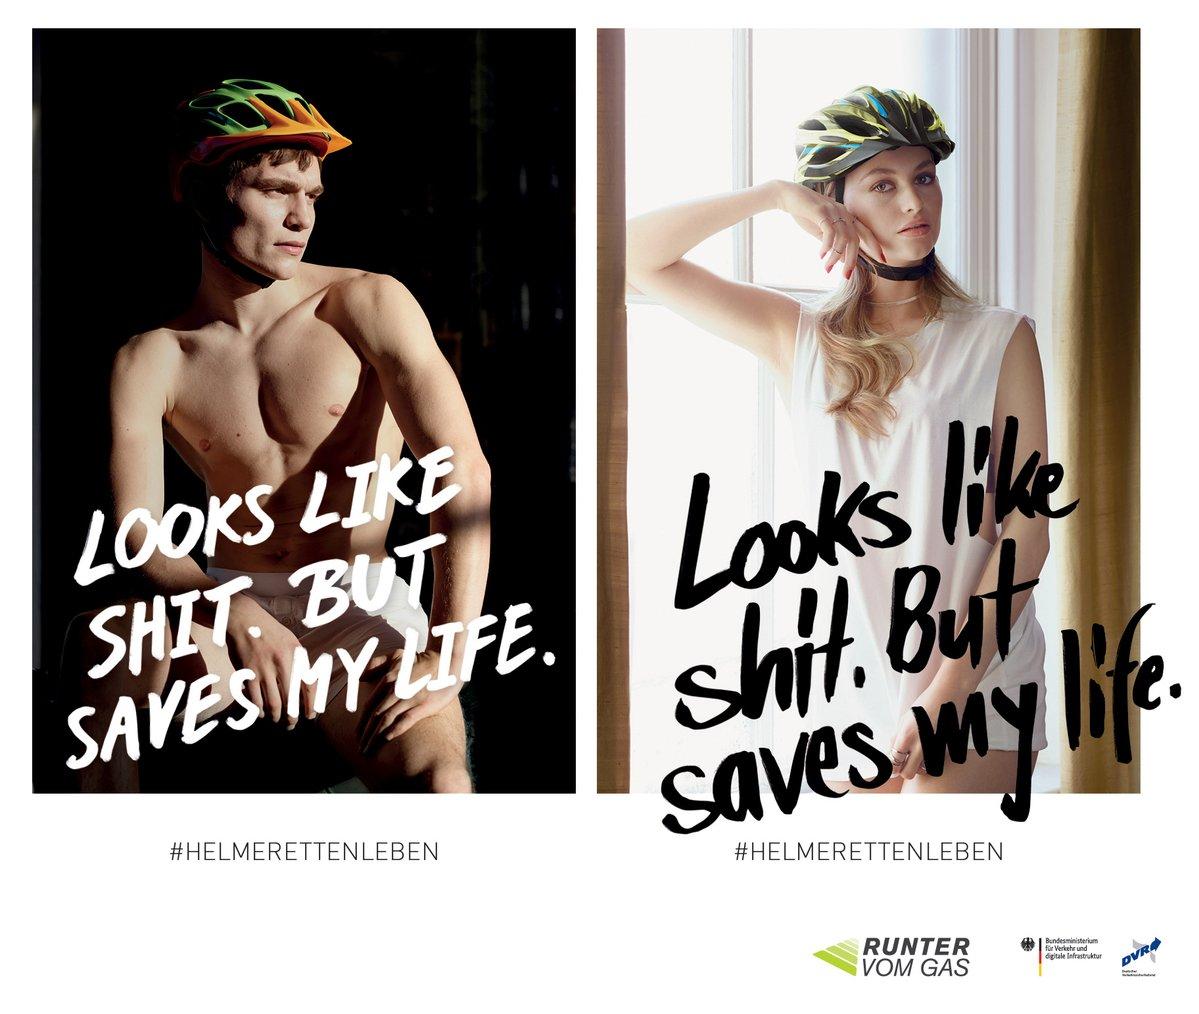 【ドイツ】自転車乗る時はヘルメット被ろう広告がセクシー過ぎると批判「見た目はクソだけど、命を守るぜ!」